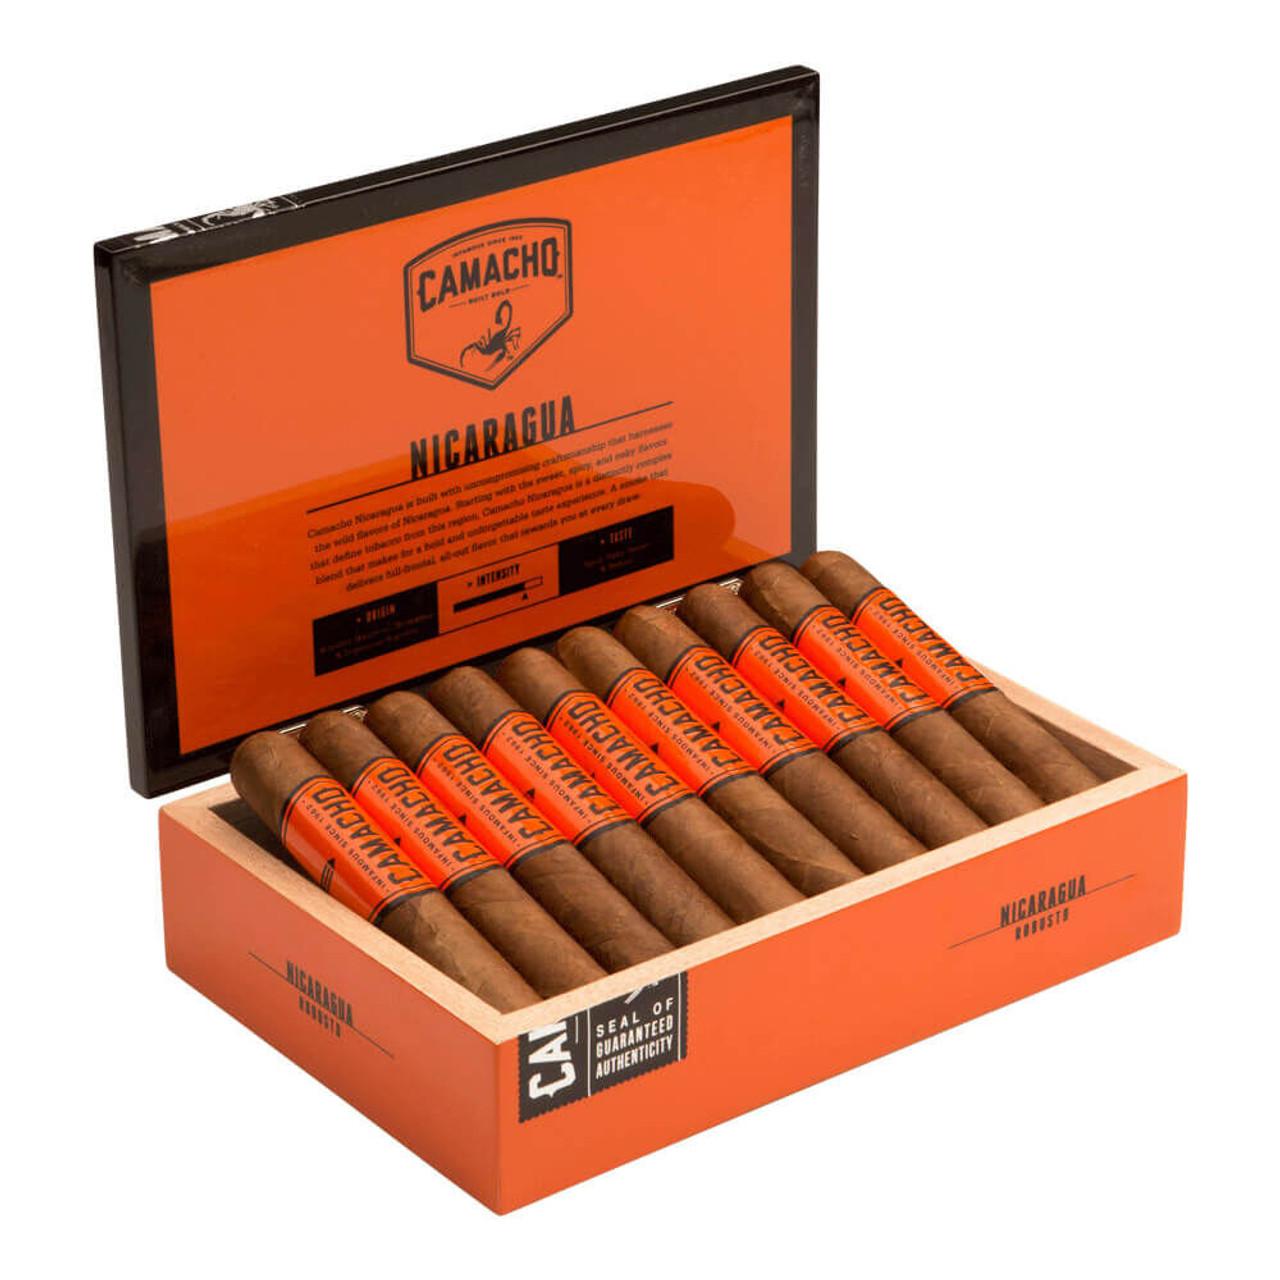 Camacho Nicaragua Robusto Cigars - 5.0 x 52 (Box of 20)